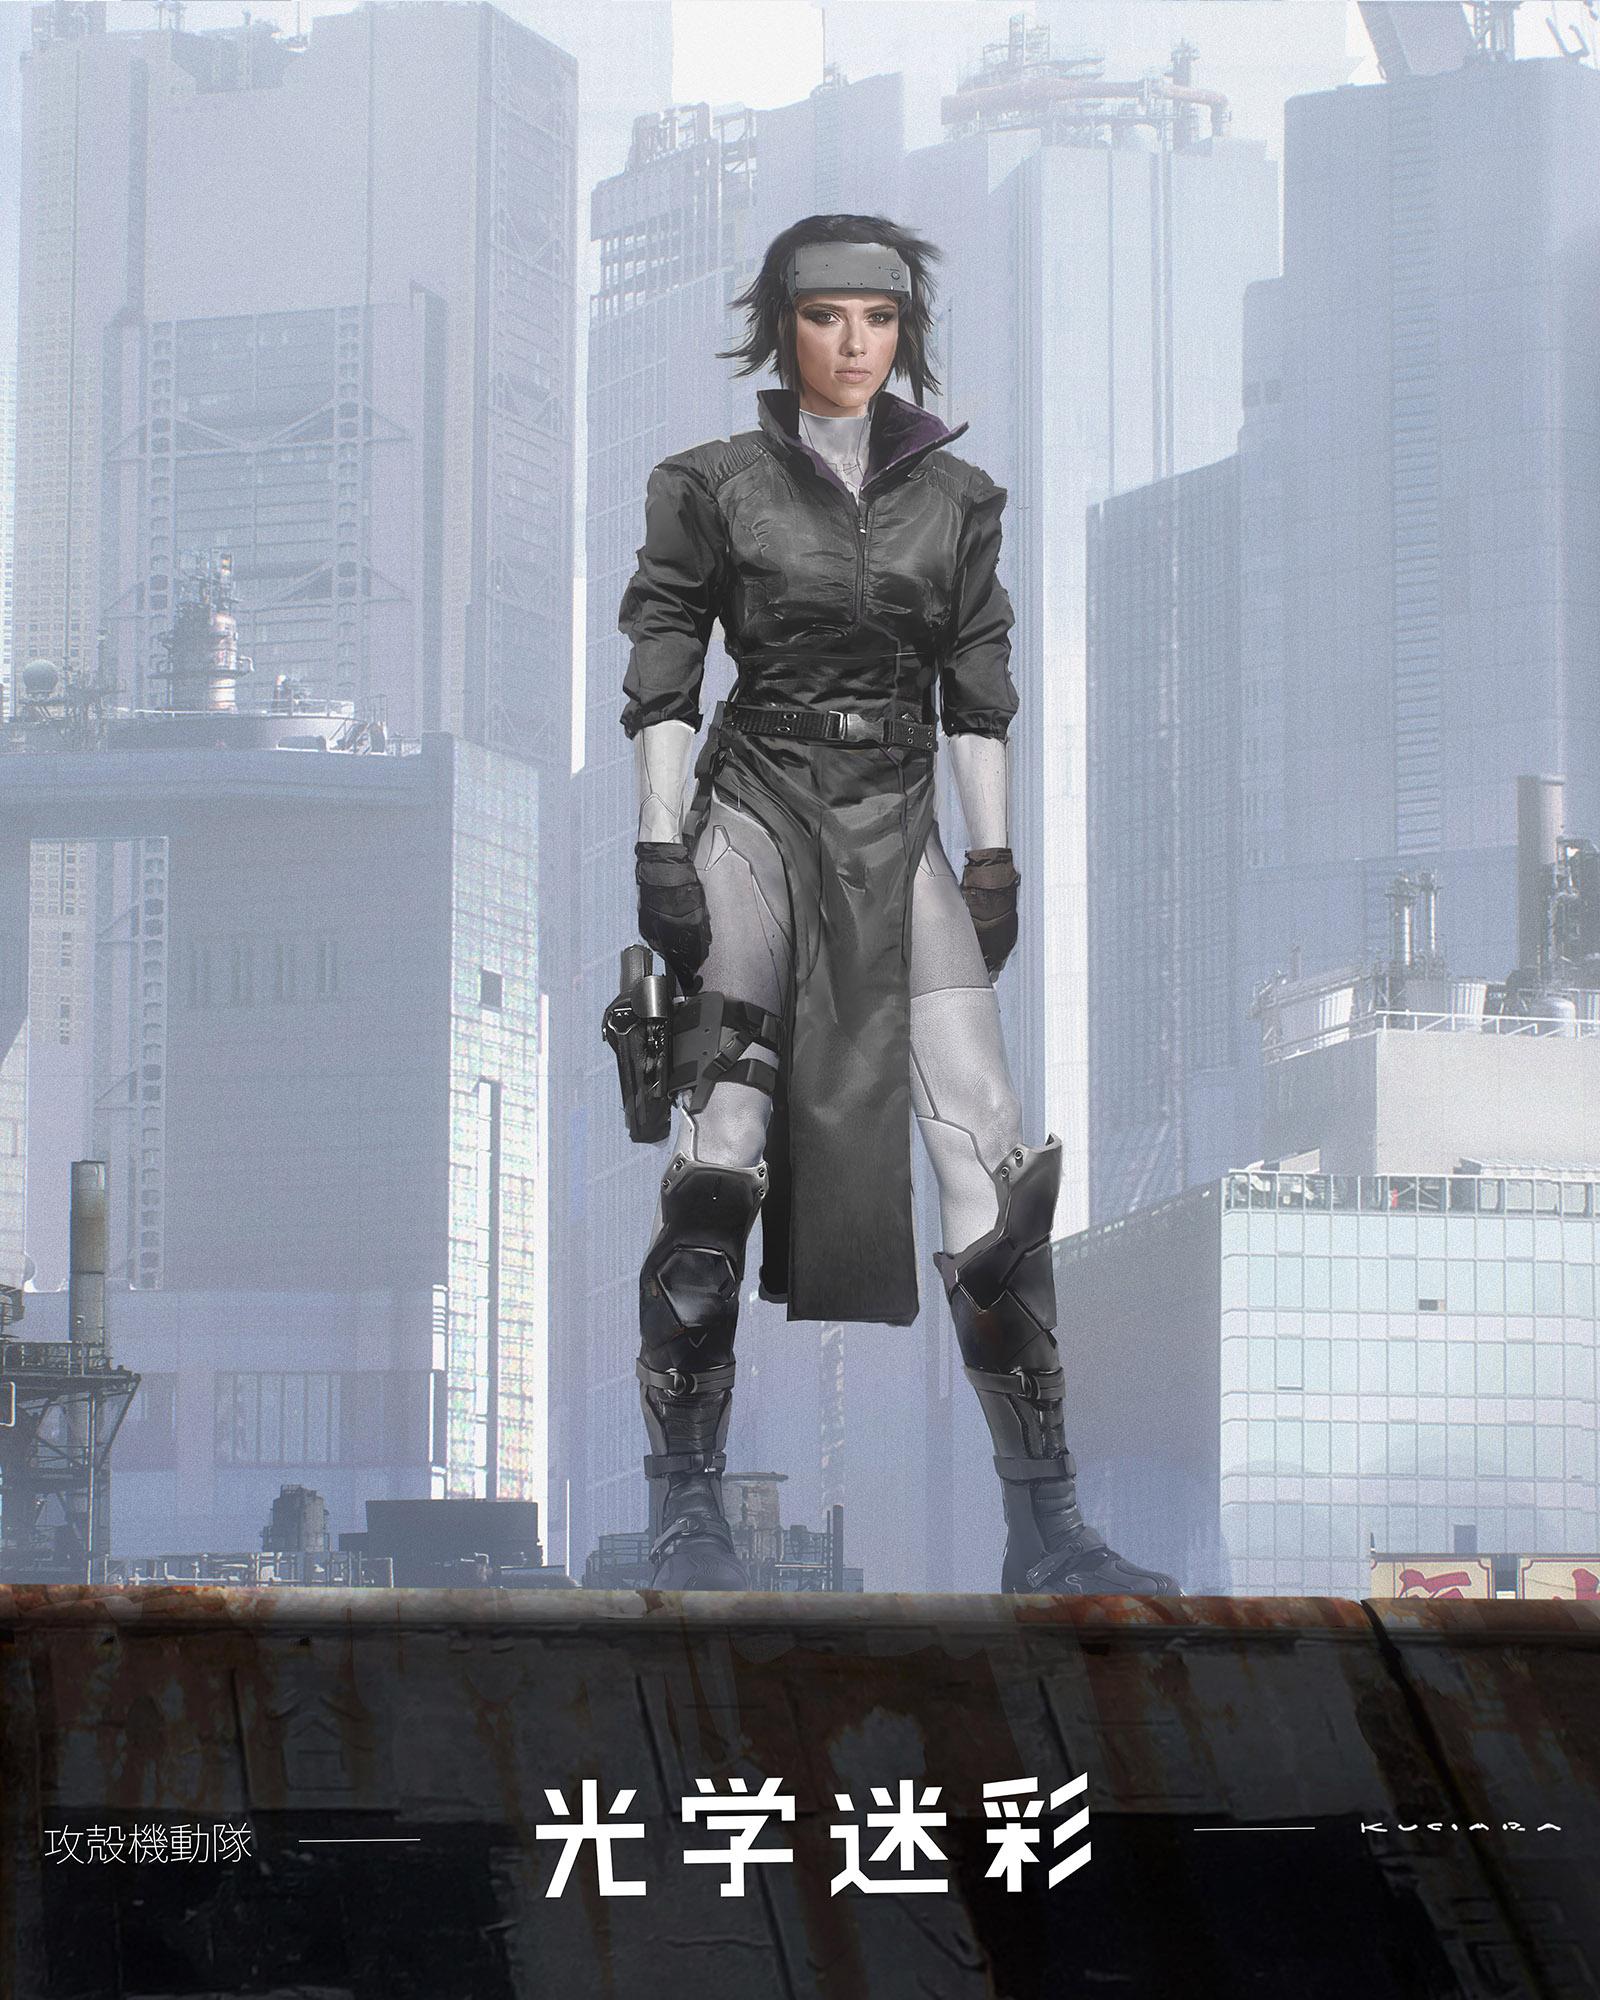 GITS_MajorThermoOptical+Tactical_MK_071315_v04